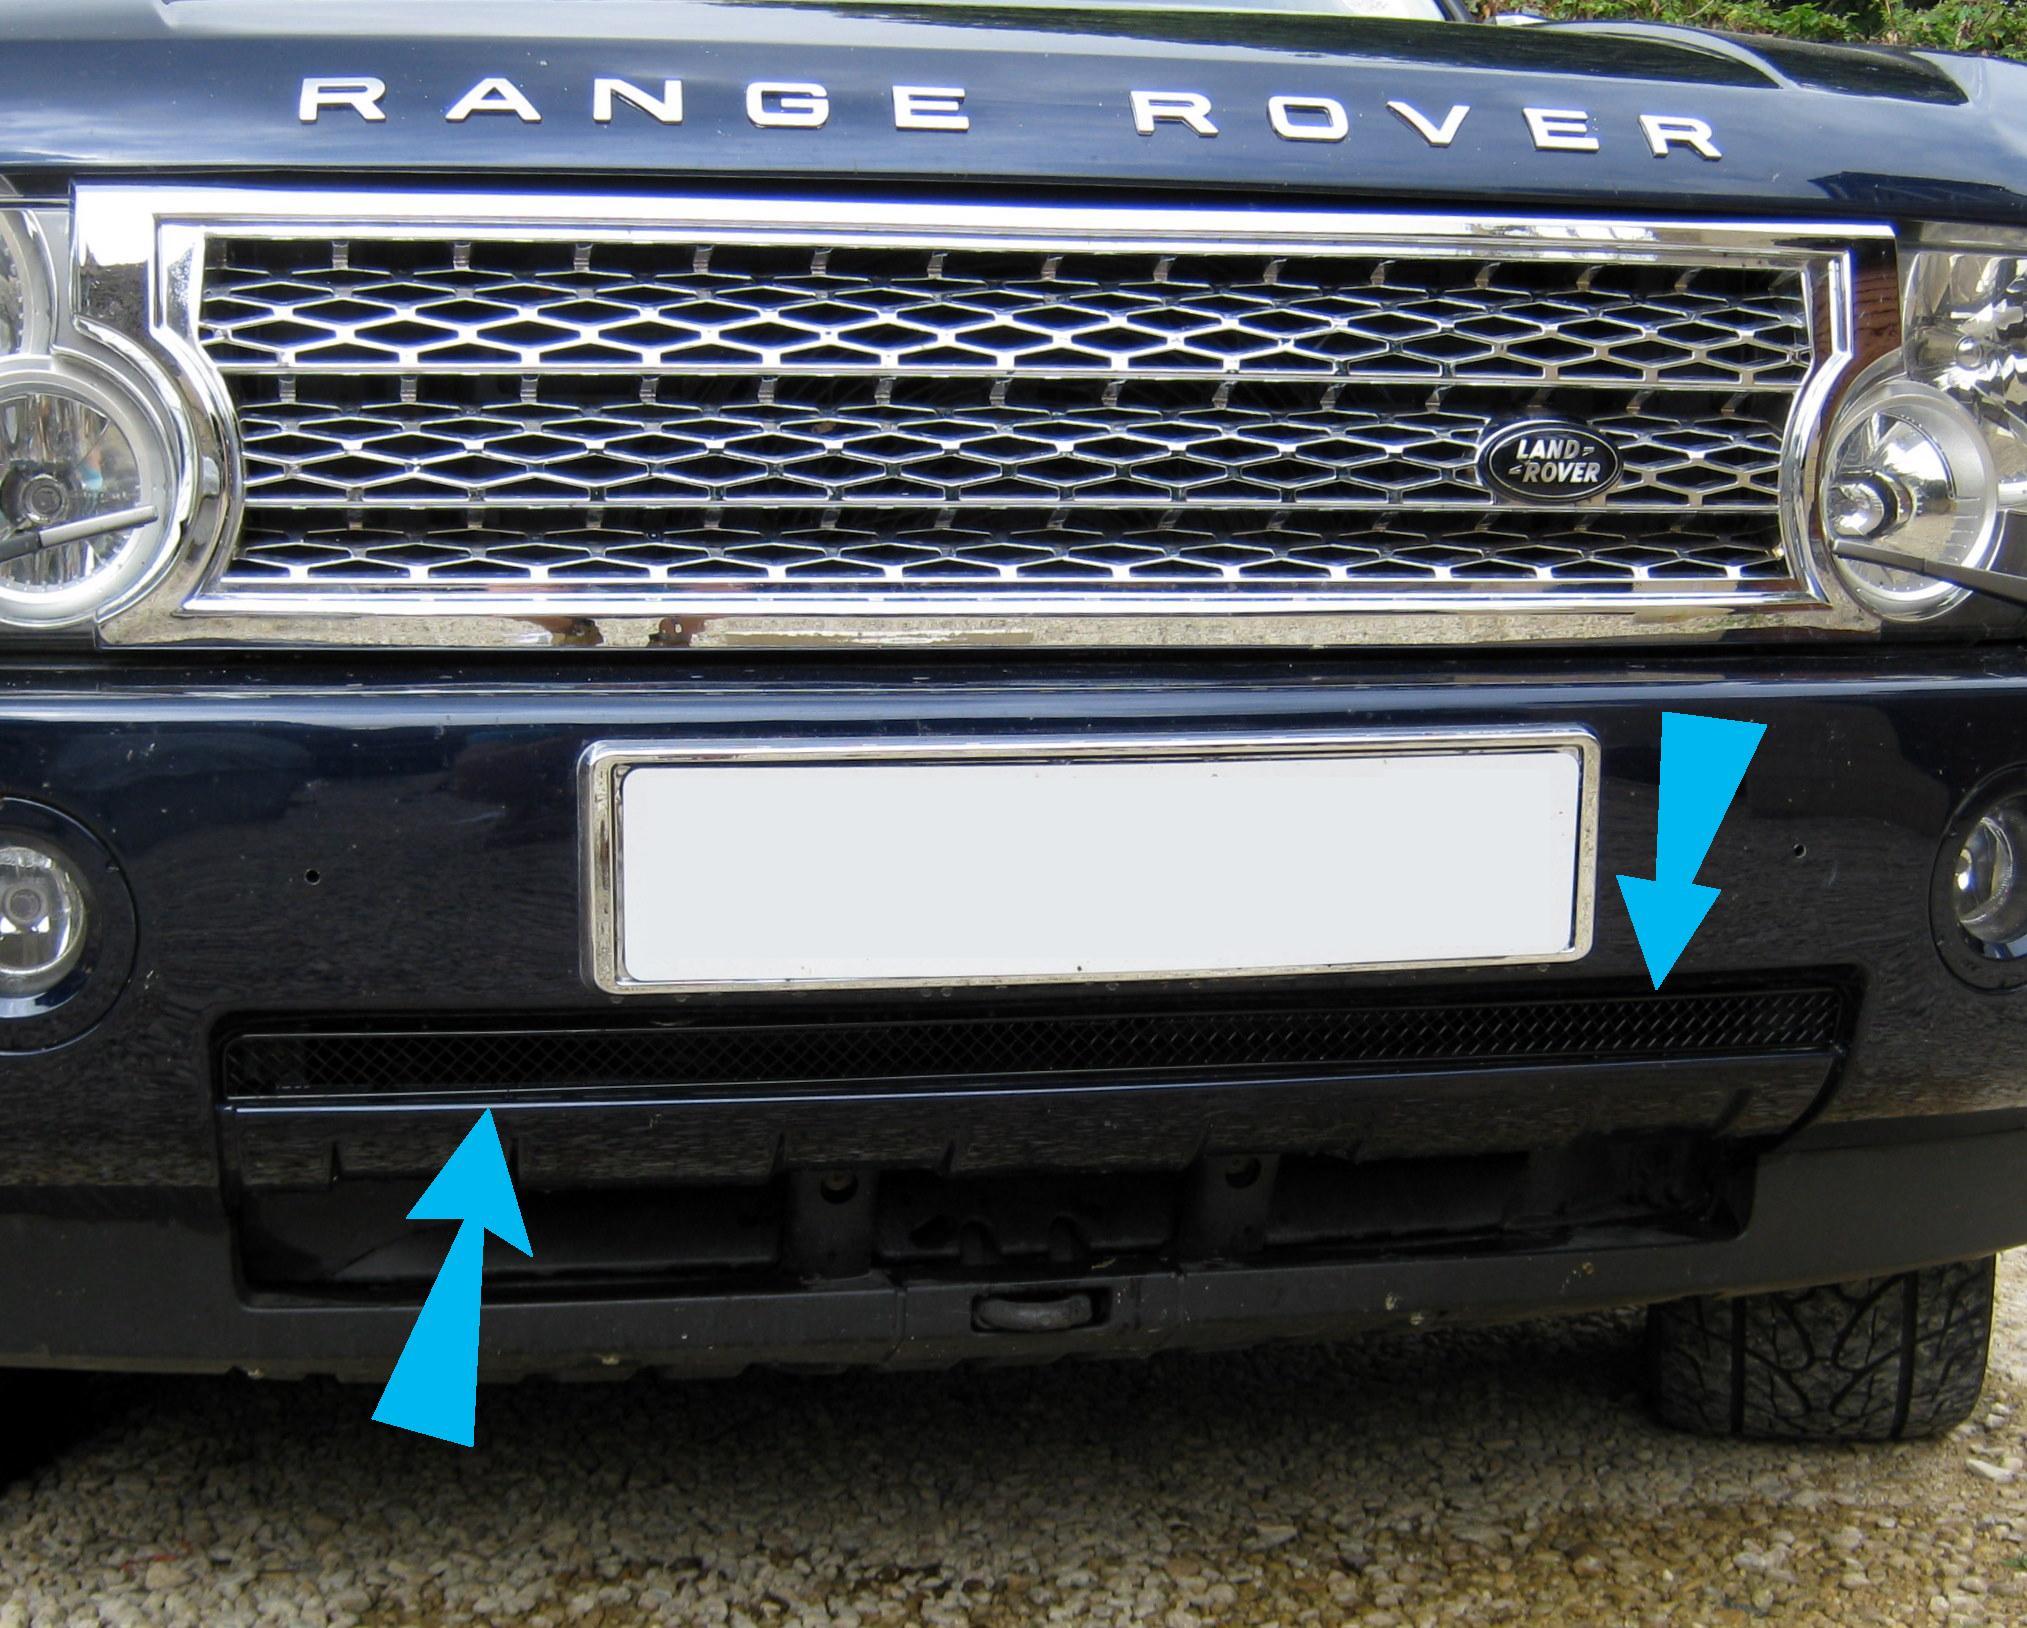 black lower mesh protection grille for range rover l322. Black Bedroom Furniture Sets. Home Design Ideas